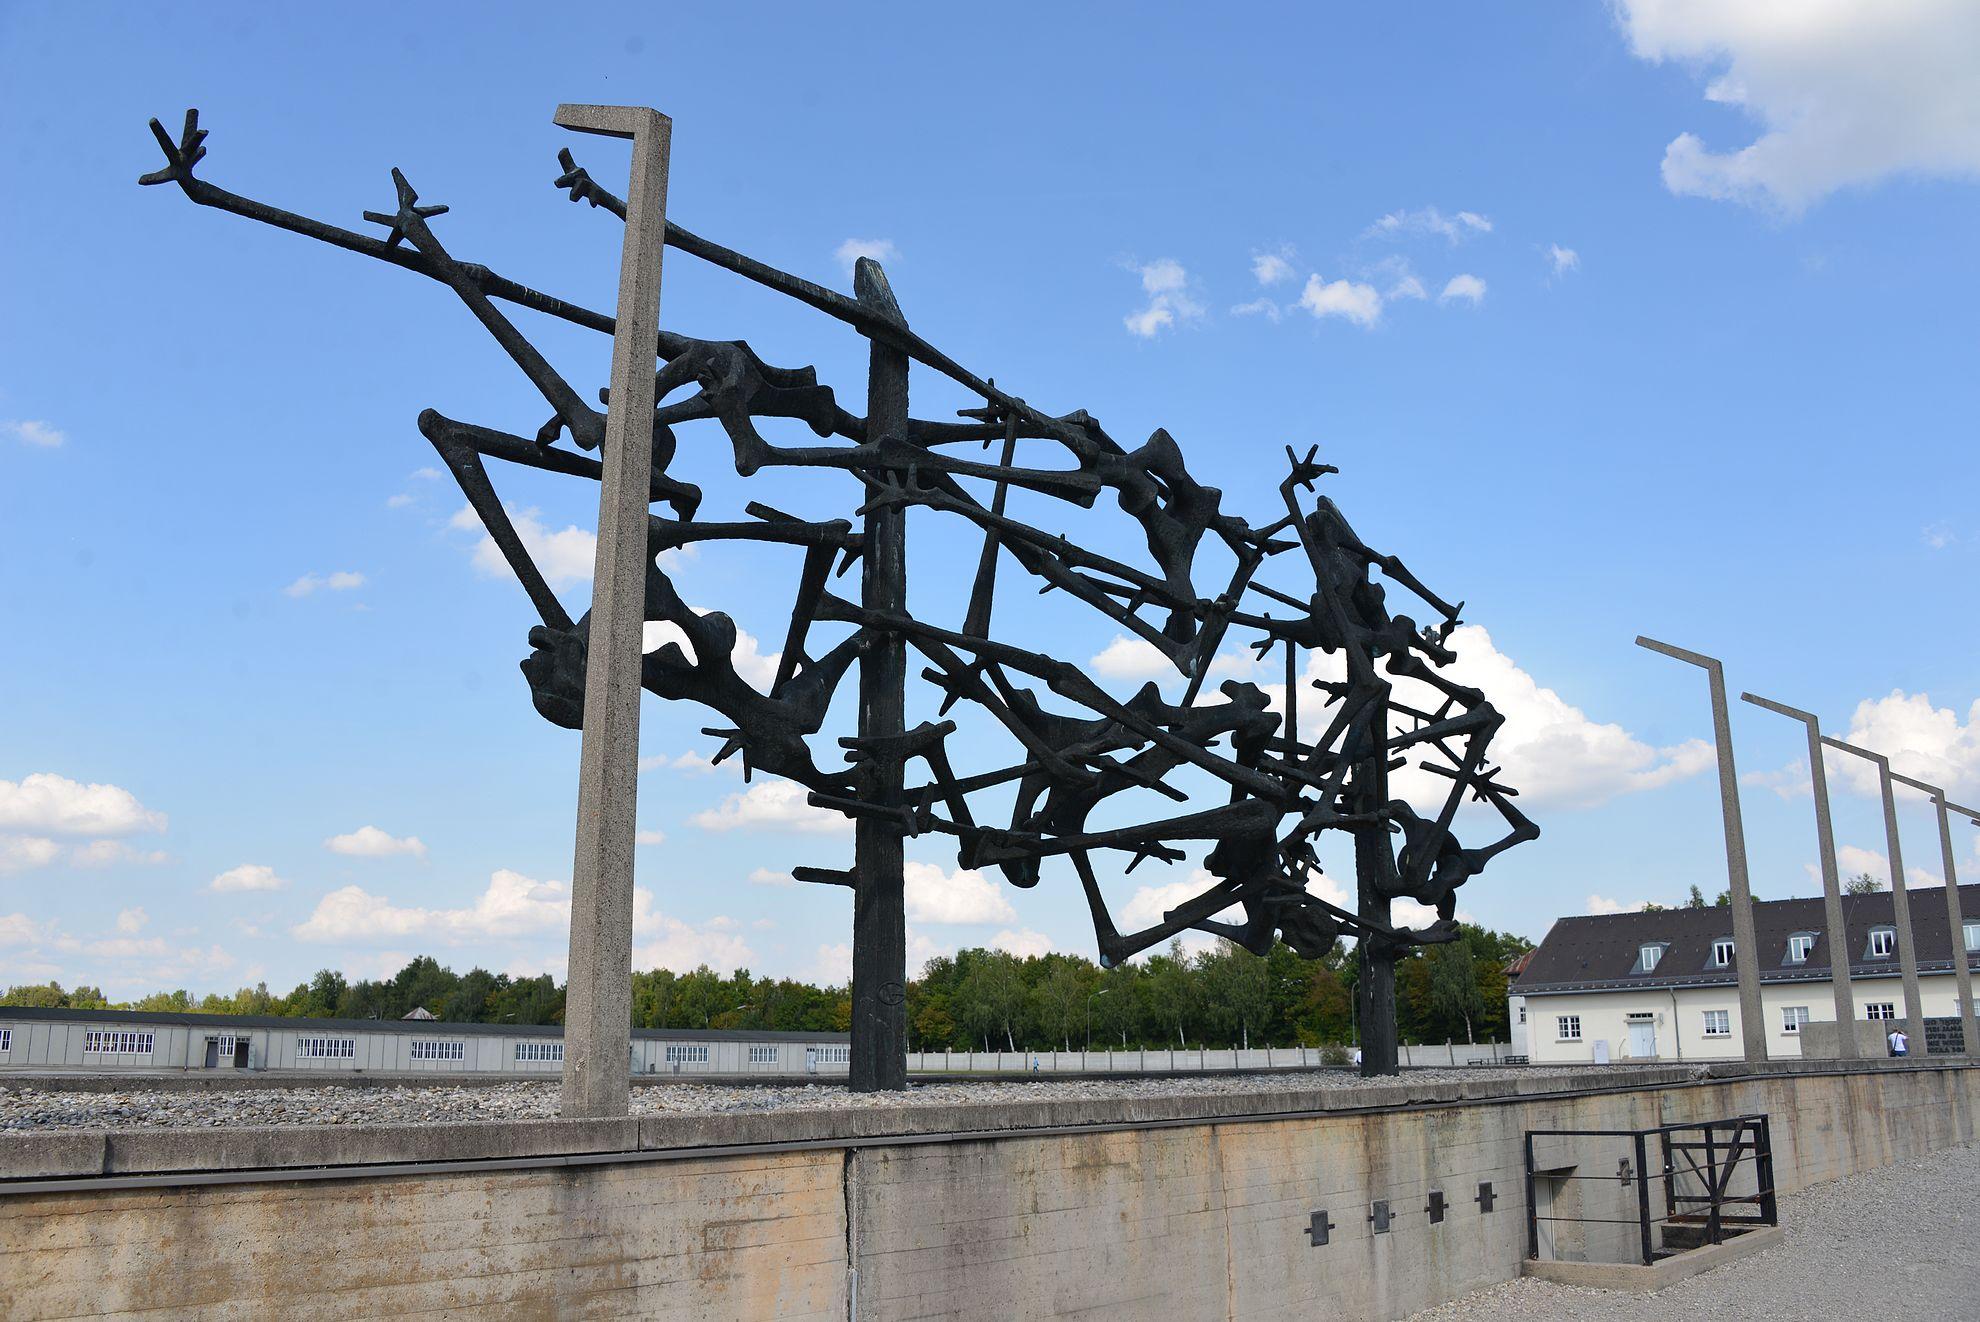 Dachau Natsi Saksan Ensimmainen Keskitysleiri Kohteena Maailma